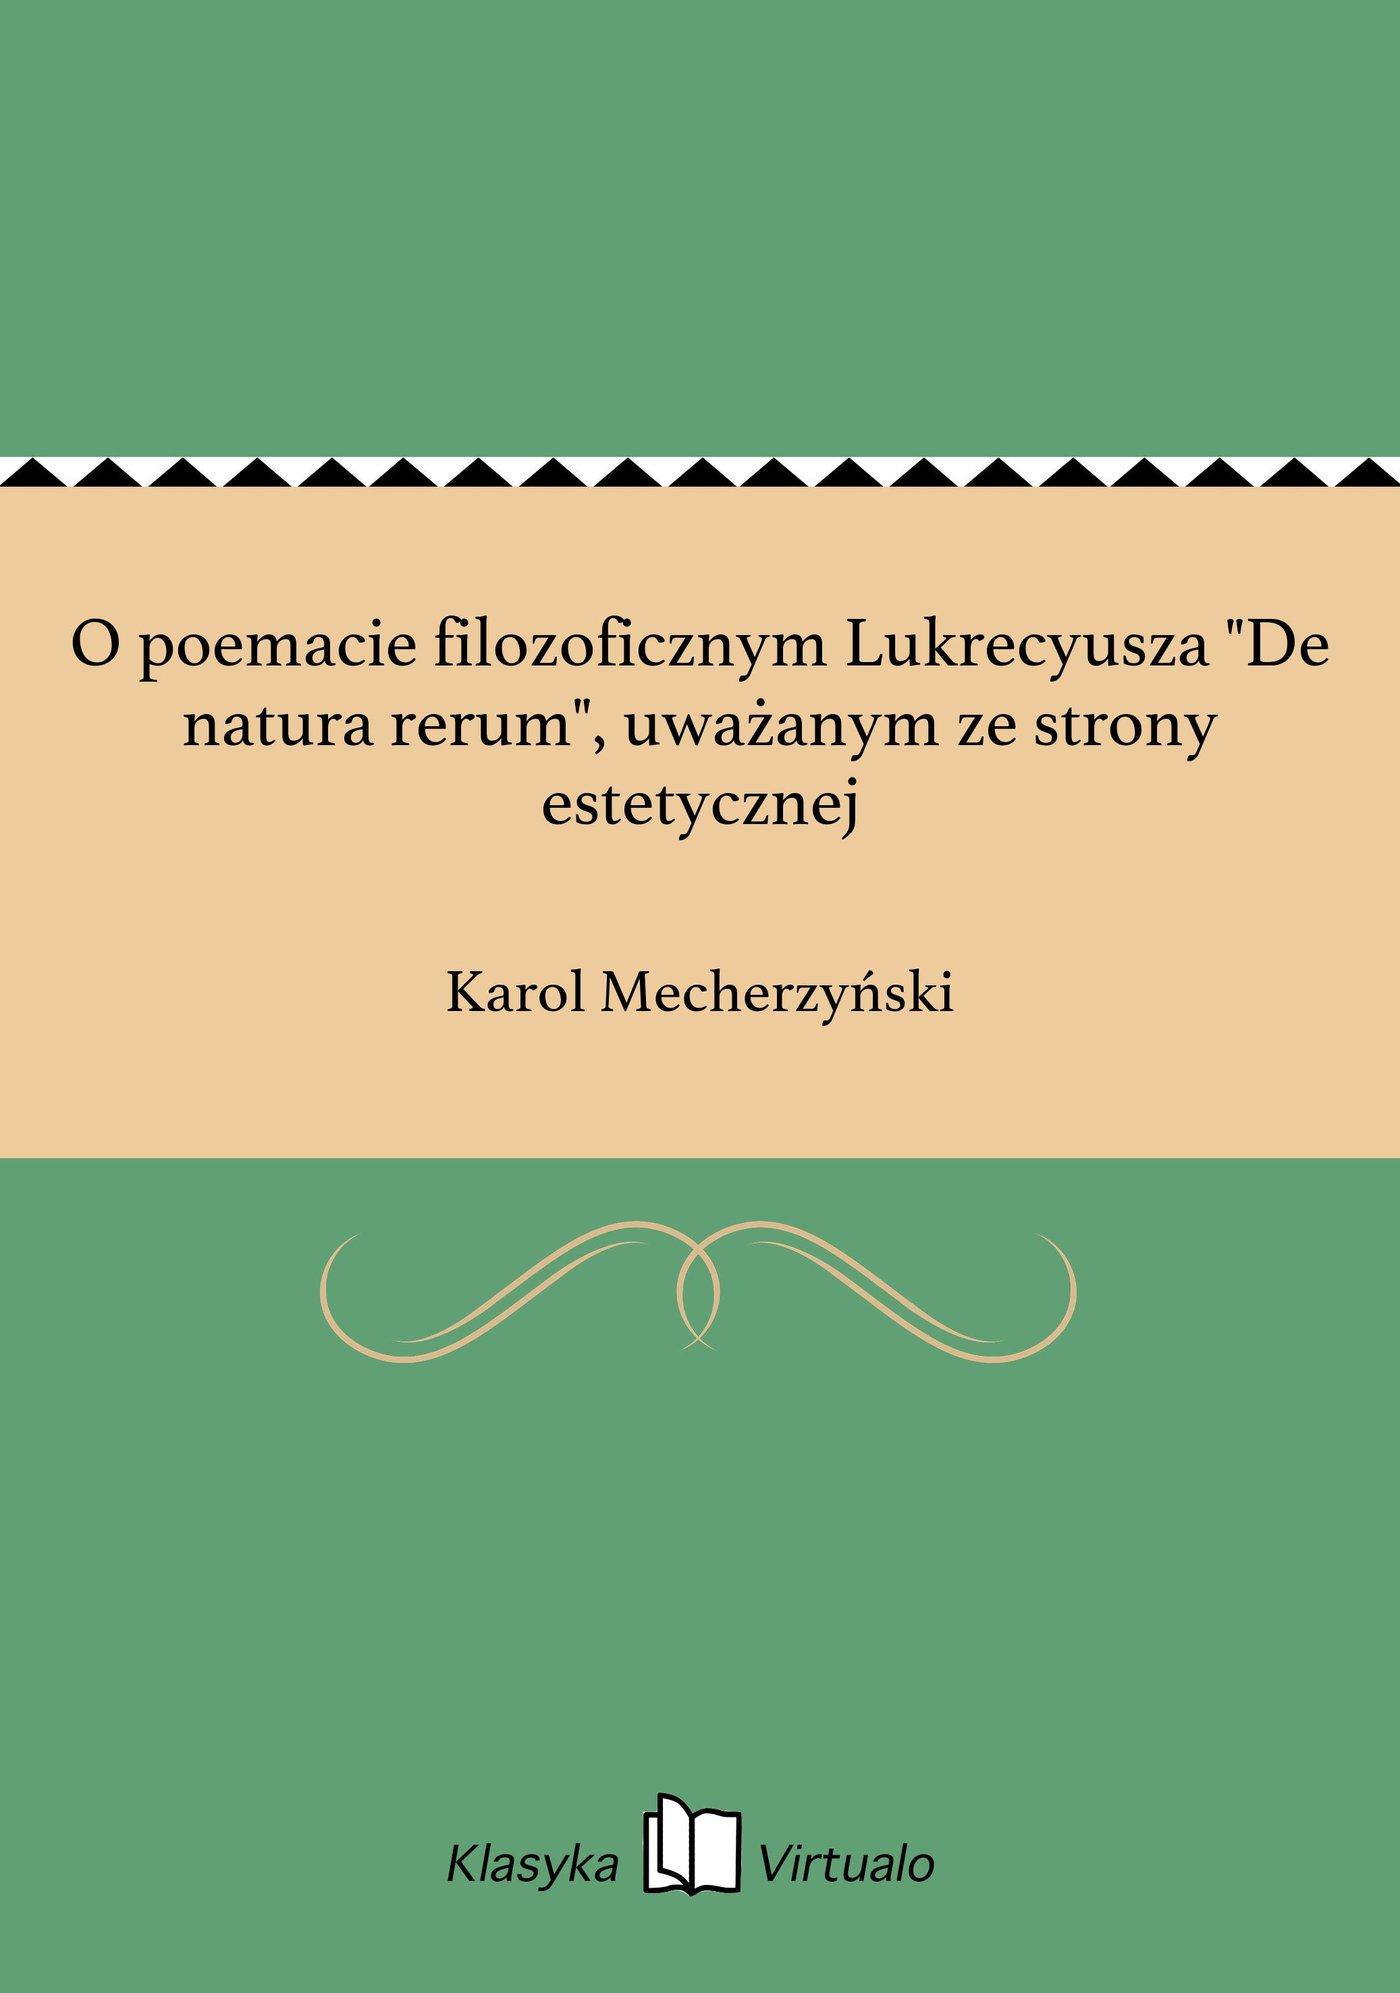 """O poemacie filozoficznym Lukrecyusza """"De natura rerum"""", uważanym ze strony estetycznej - Ebook (Książka EPUB) do pobrania w formacie EPUB"""